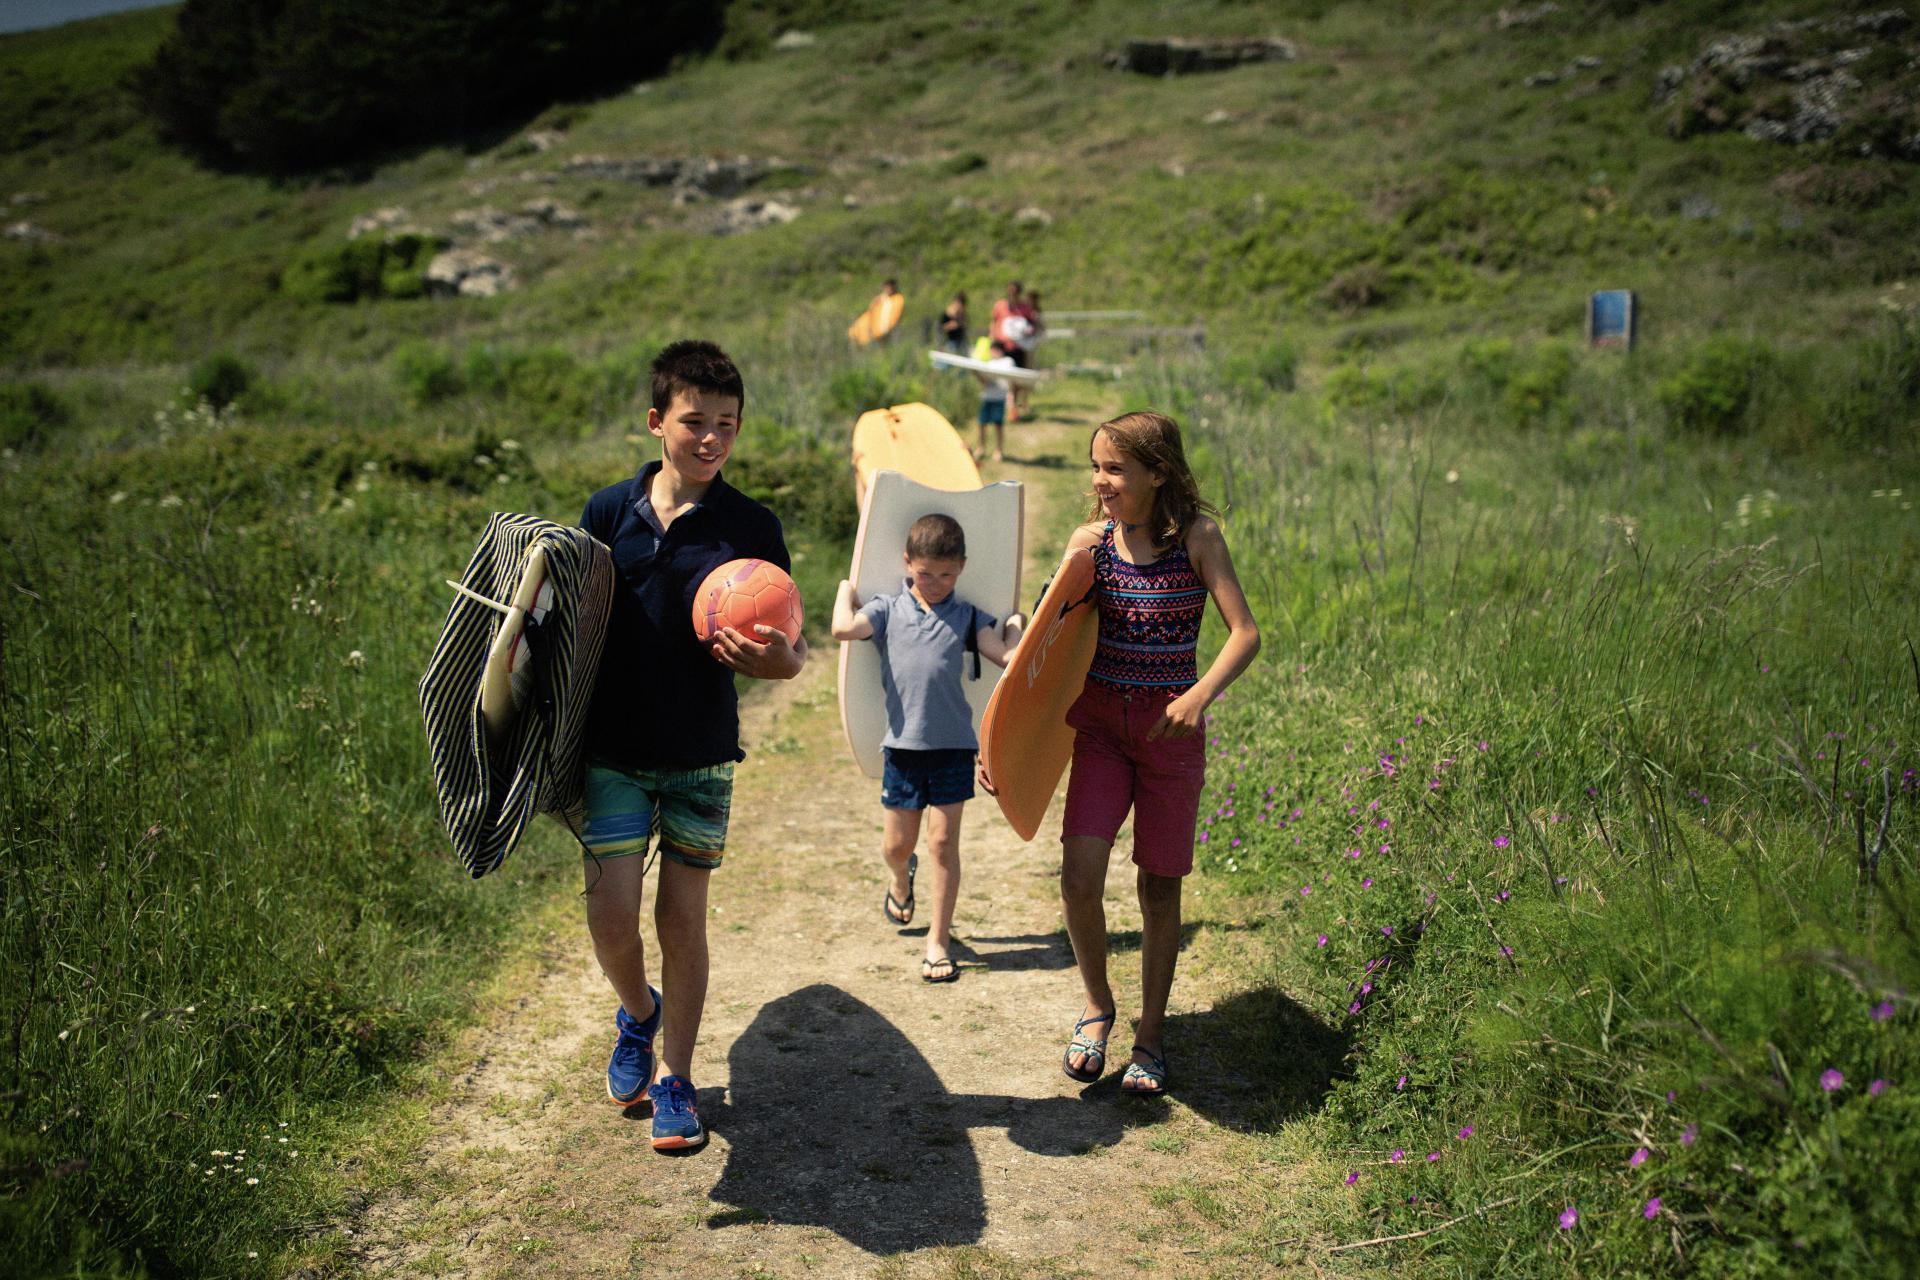 Les enfants de Camille et une de leur amie en direction de la plage.